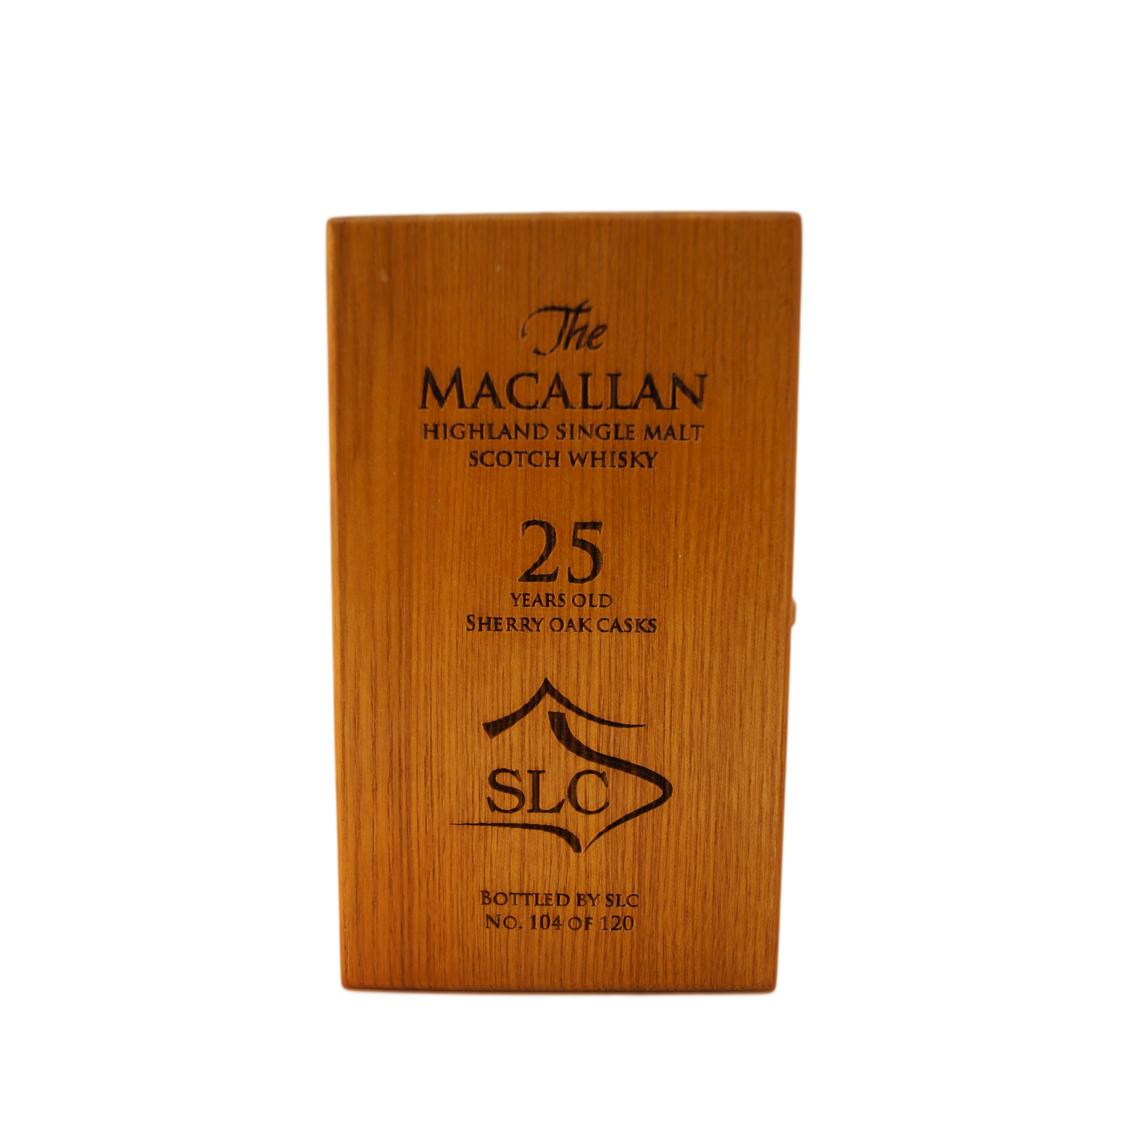 WHISKY-MACALLAN-HSMSW-25-YO-BOX-1